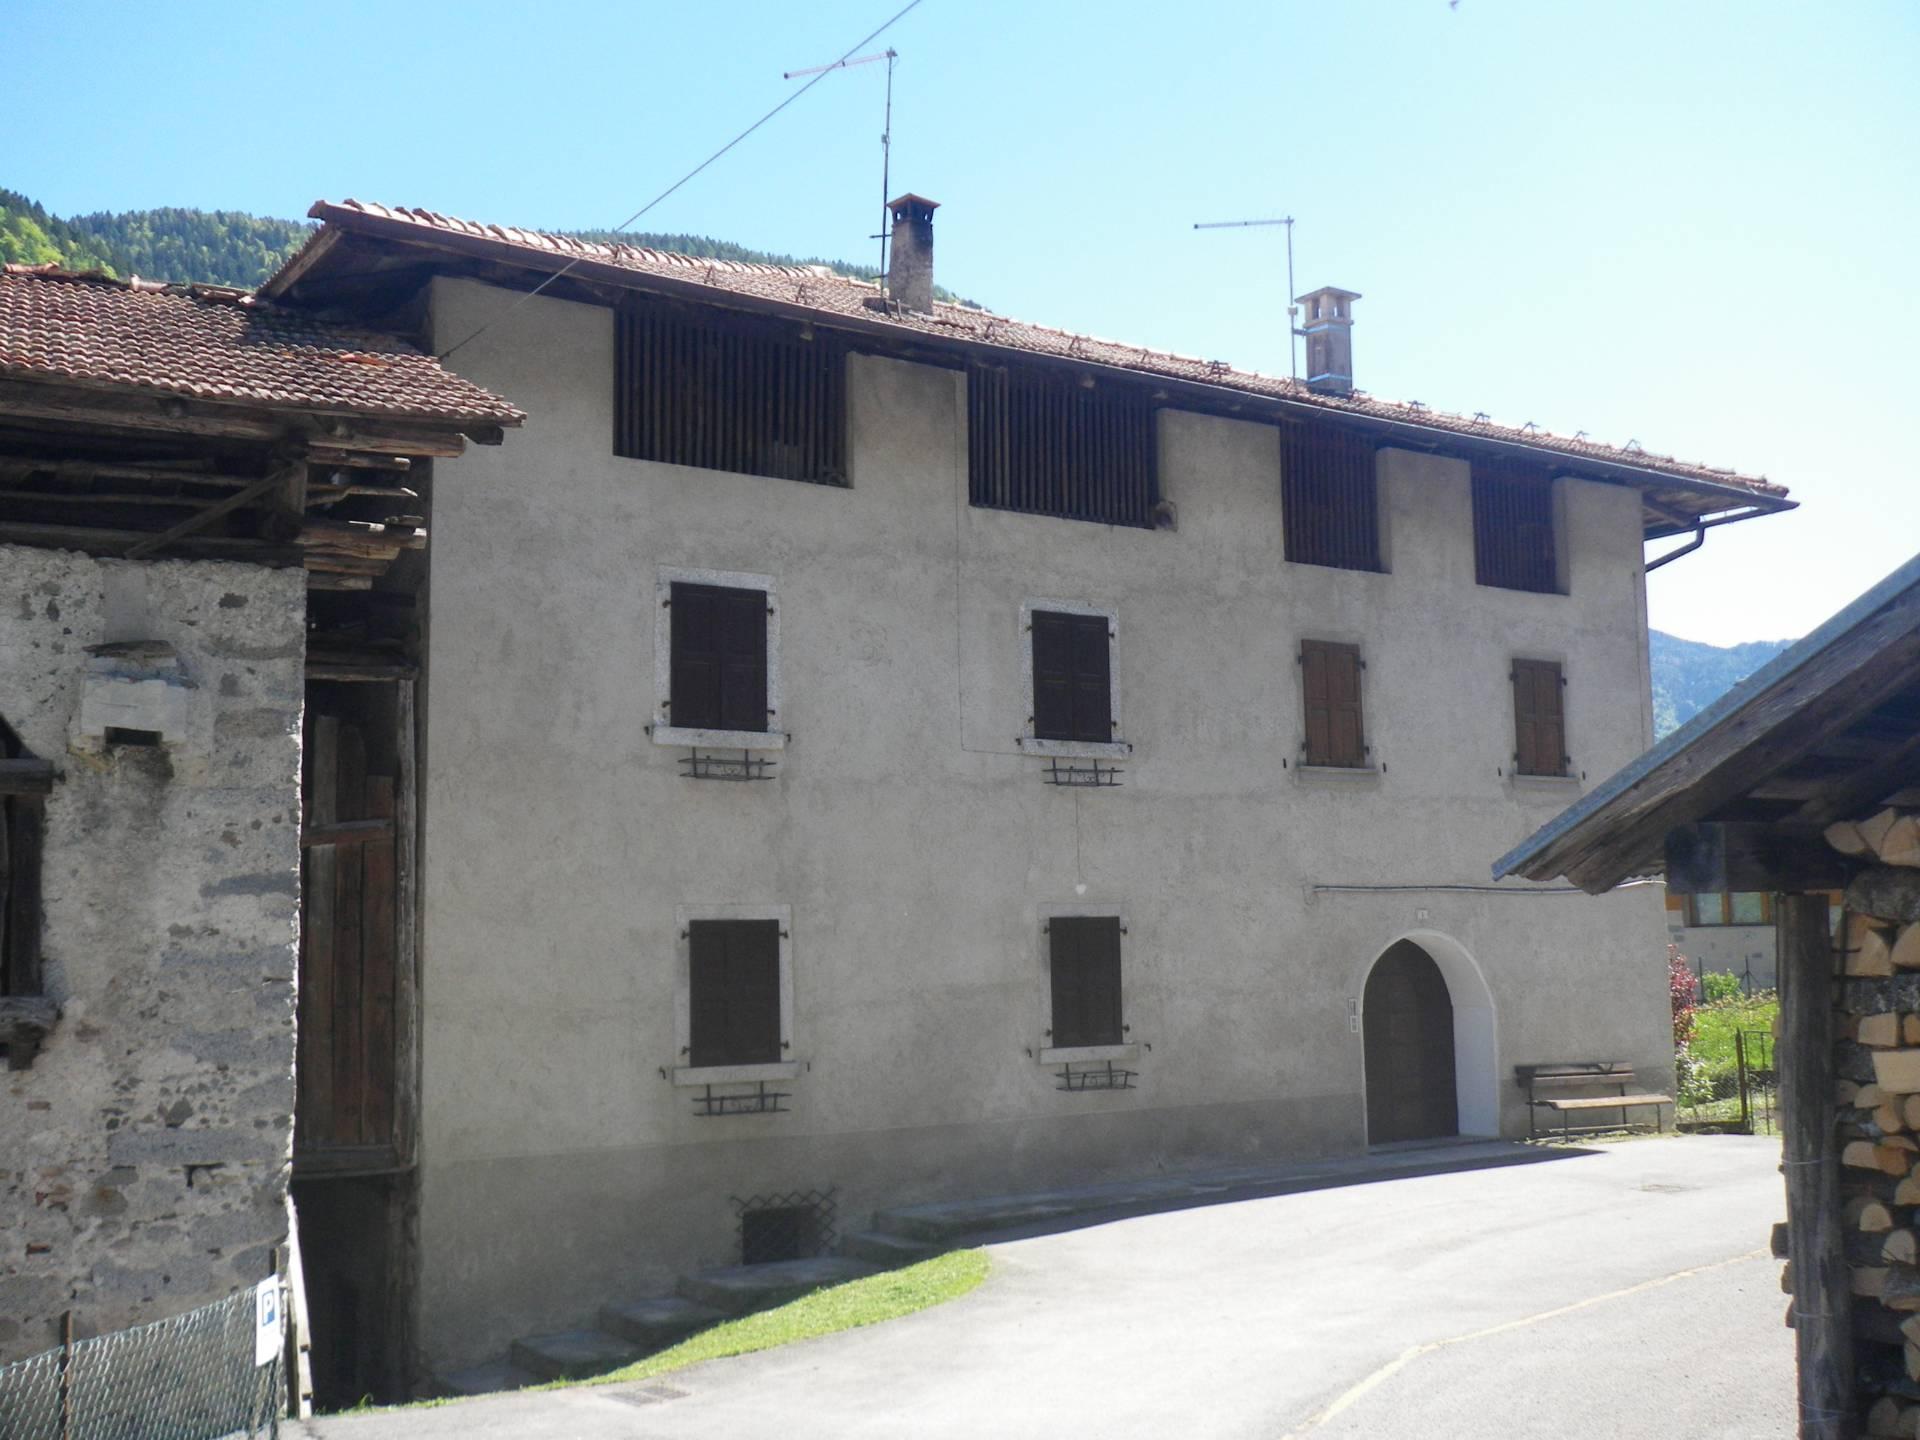 Appartamento in affitto a Villa Rendena, 2 locali, zona Zona: Verdesìna, prezzo € 280 | CambioCasa.it